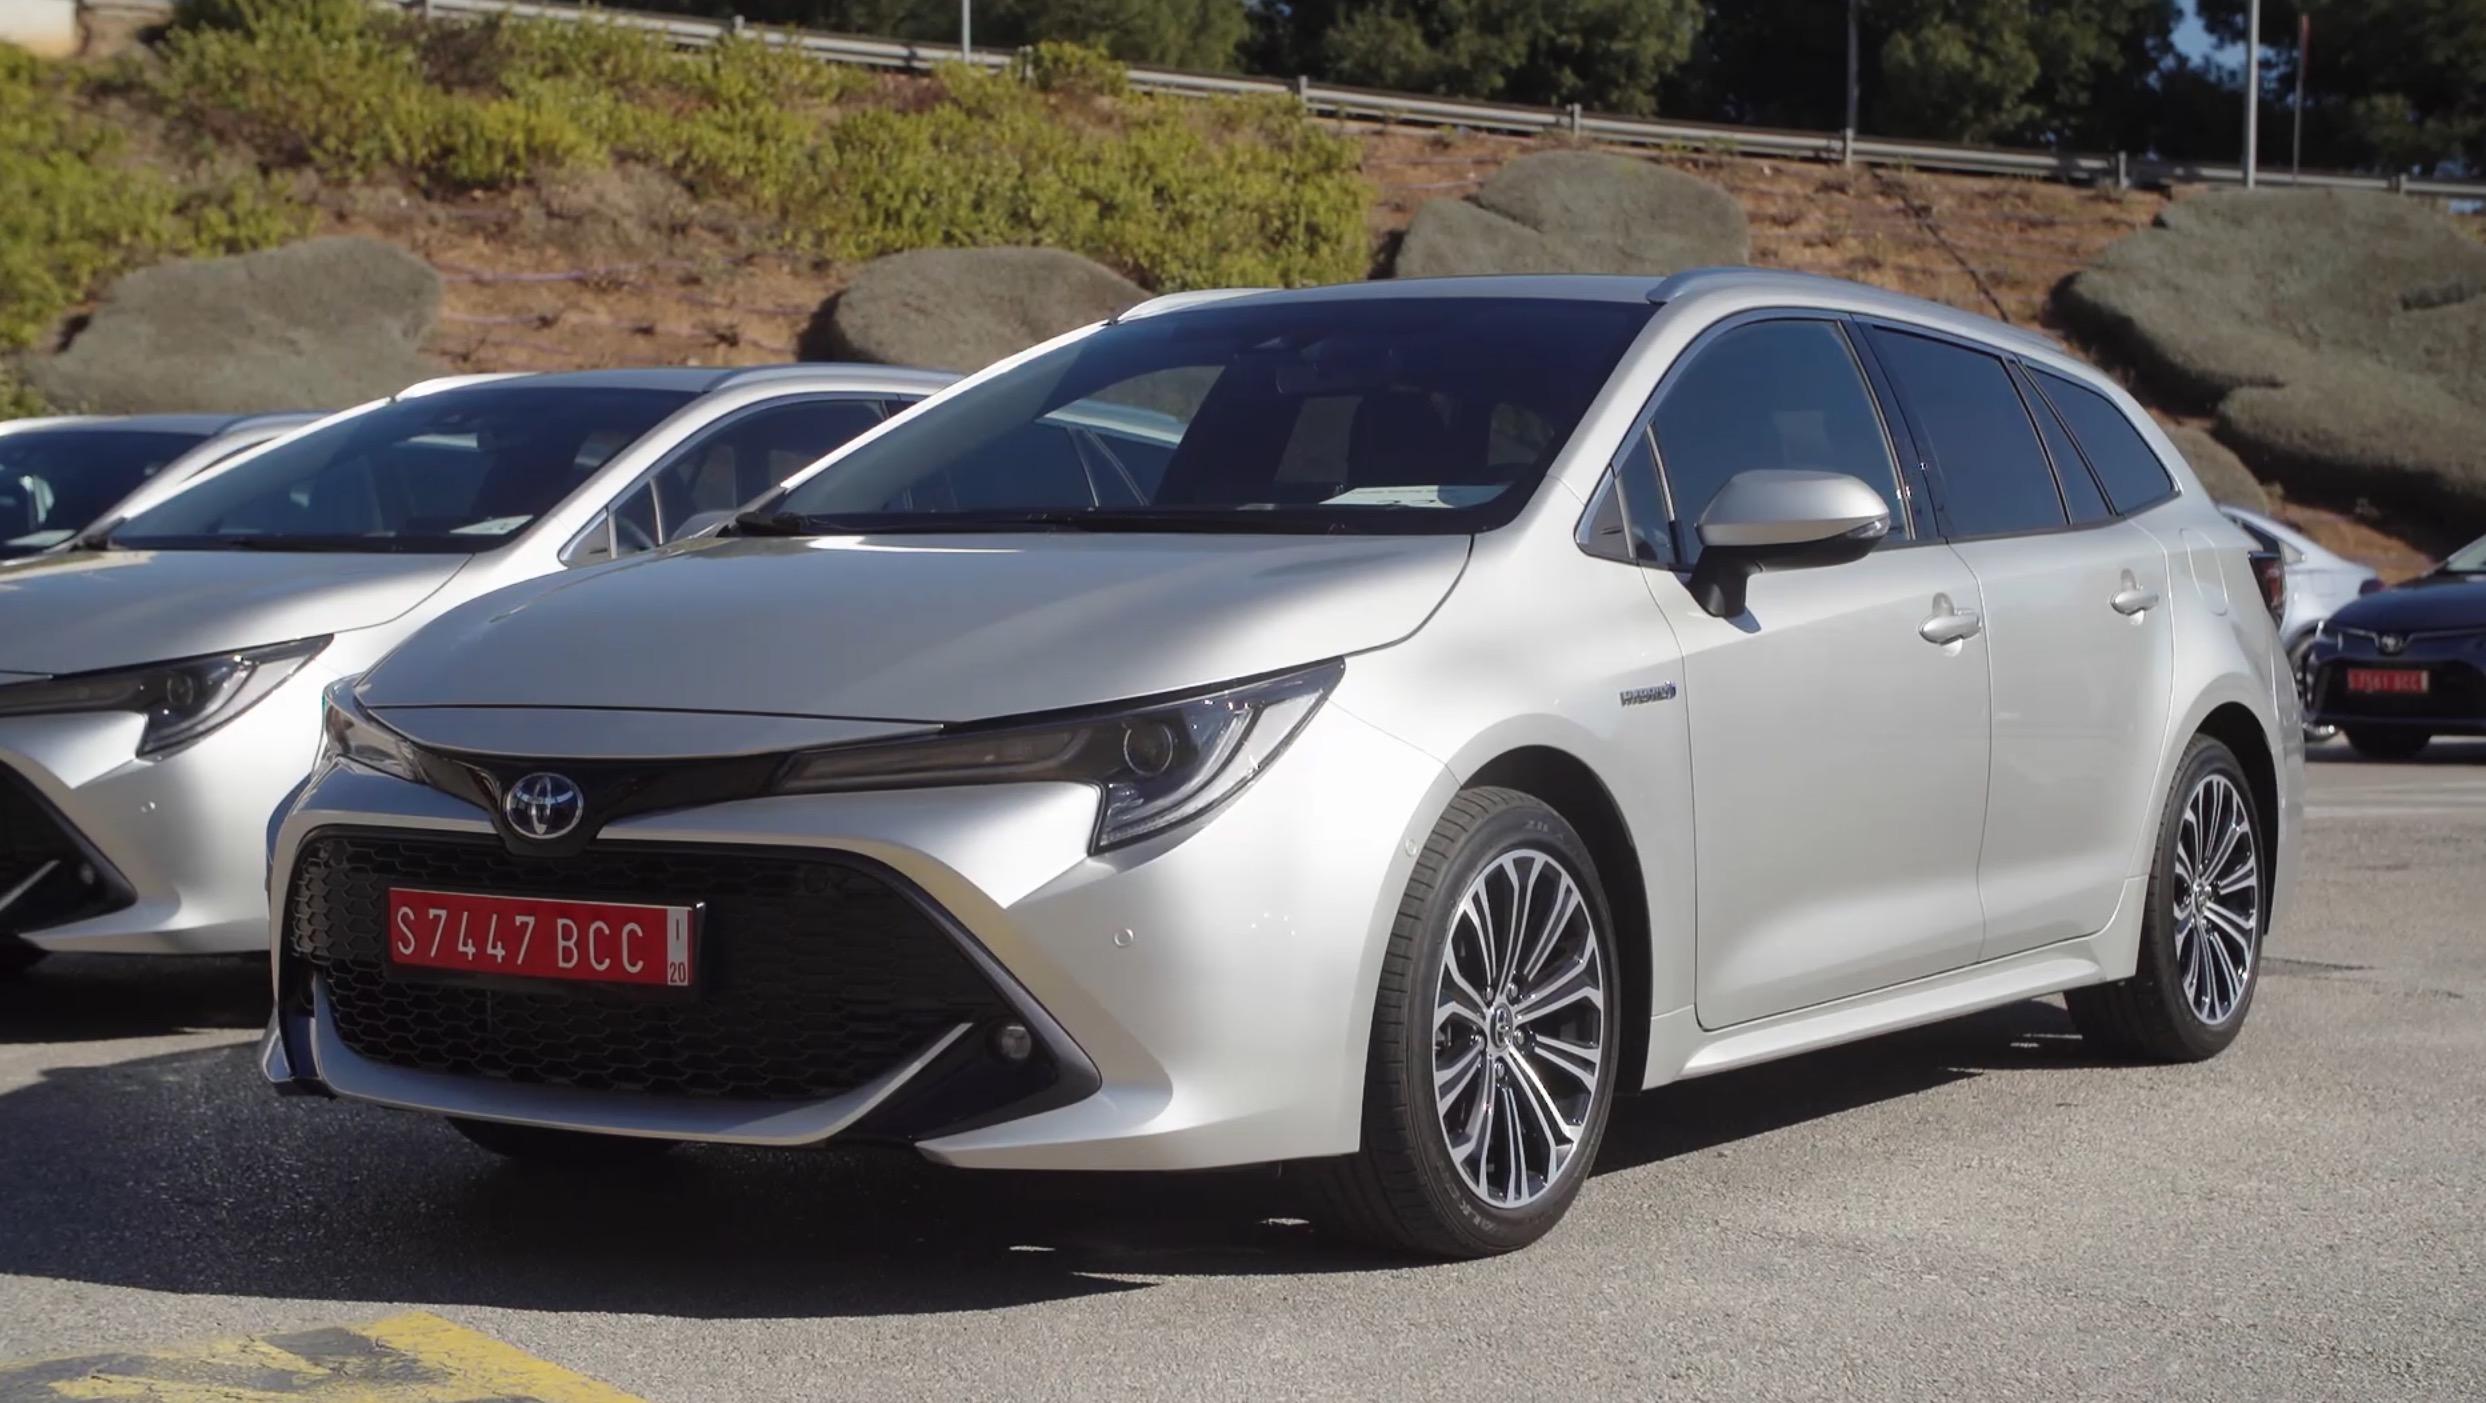 Toyota Corolla Fahrbericht neue Generation 2019 - Autogefühl